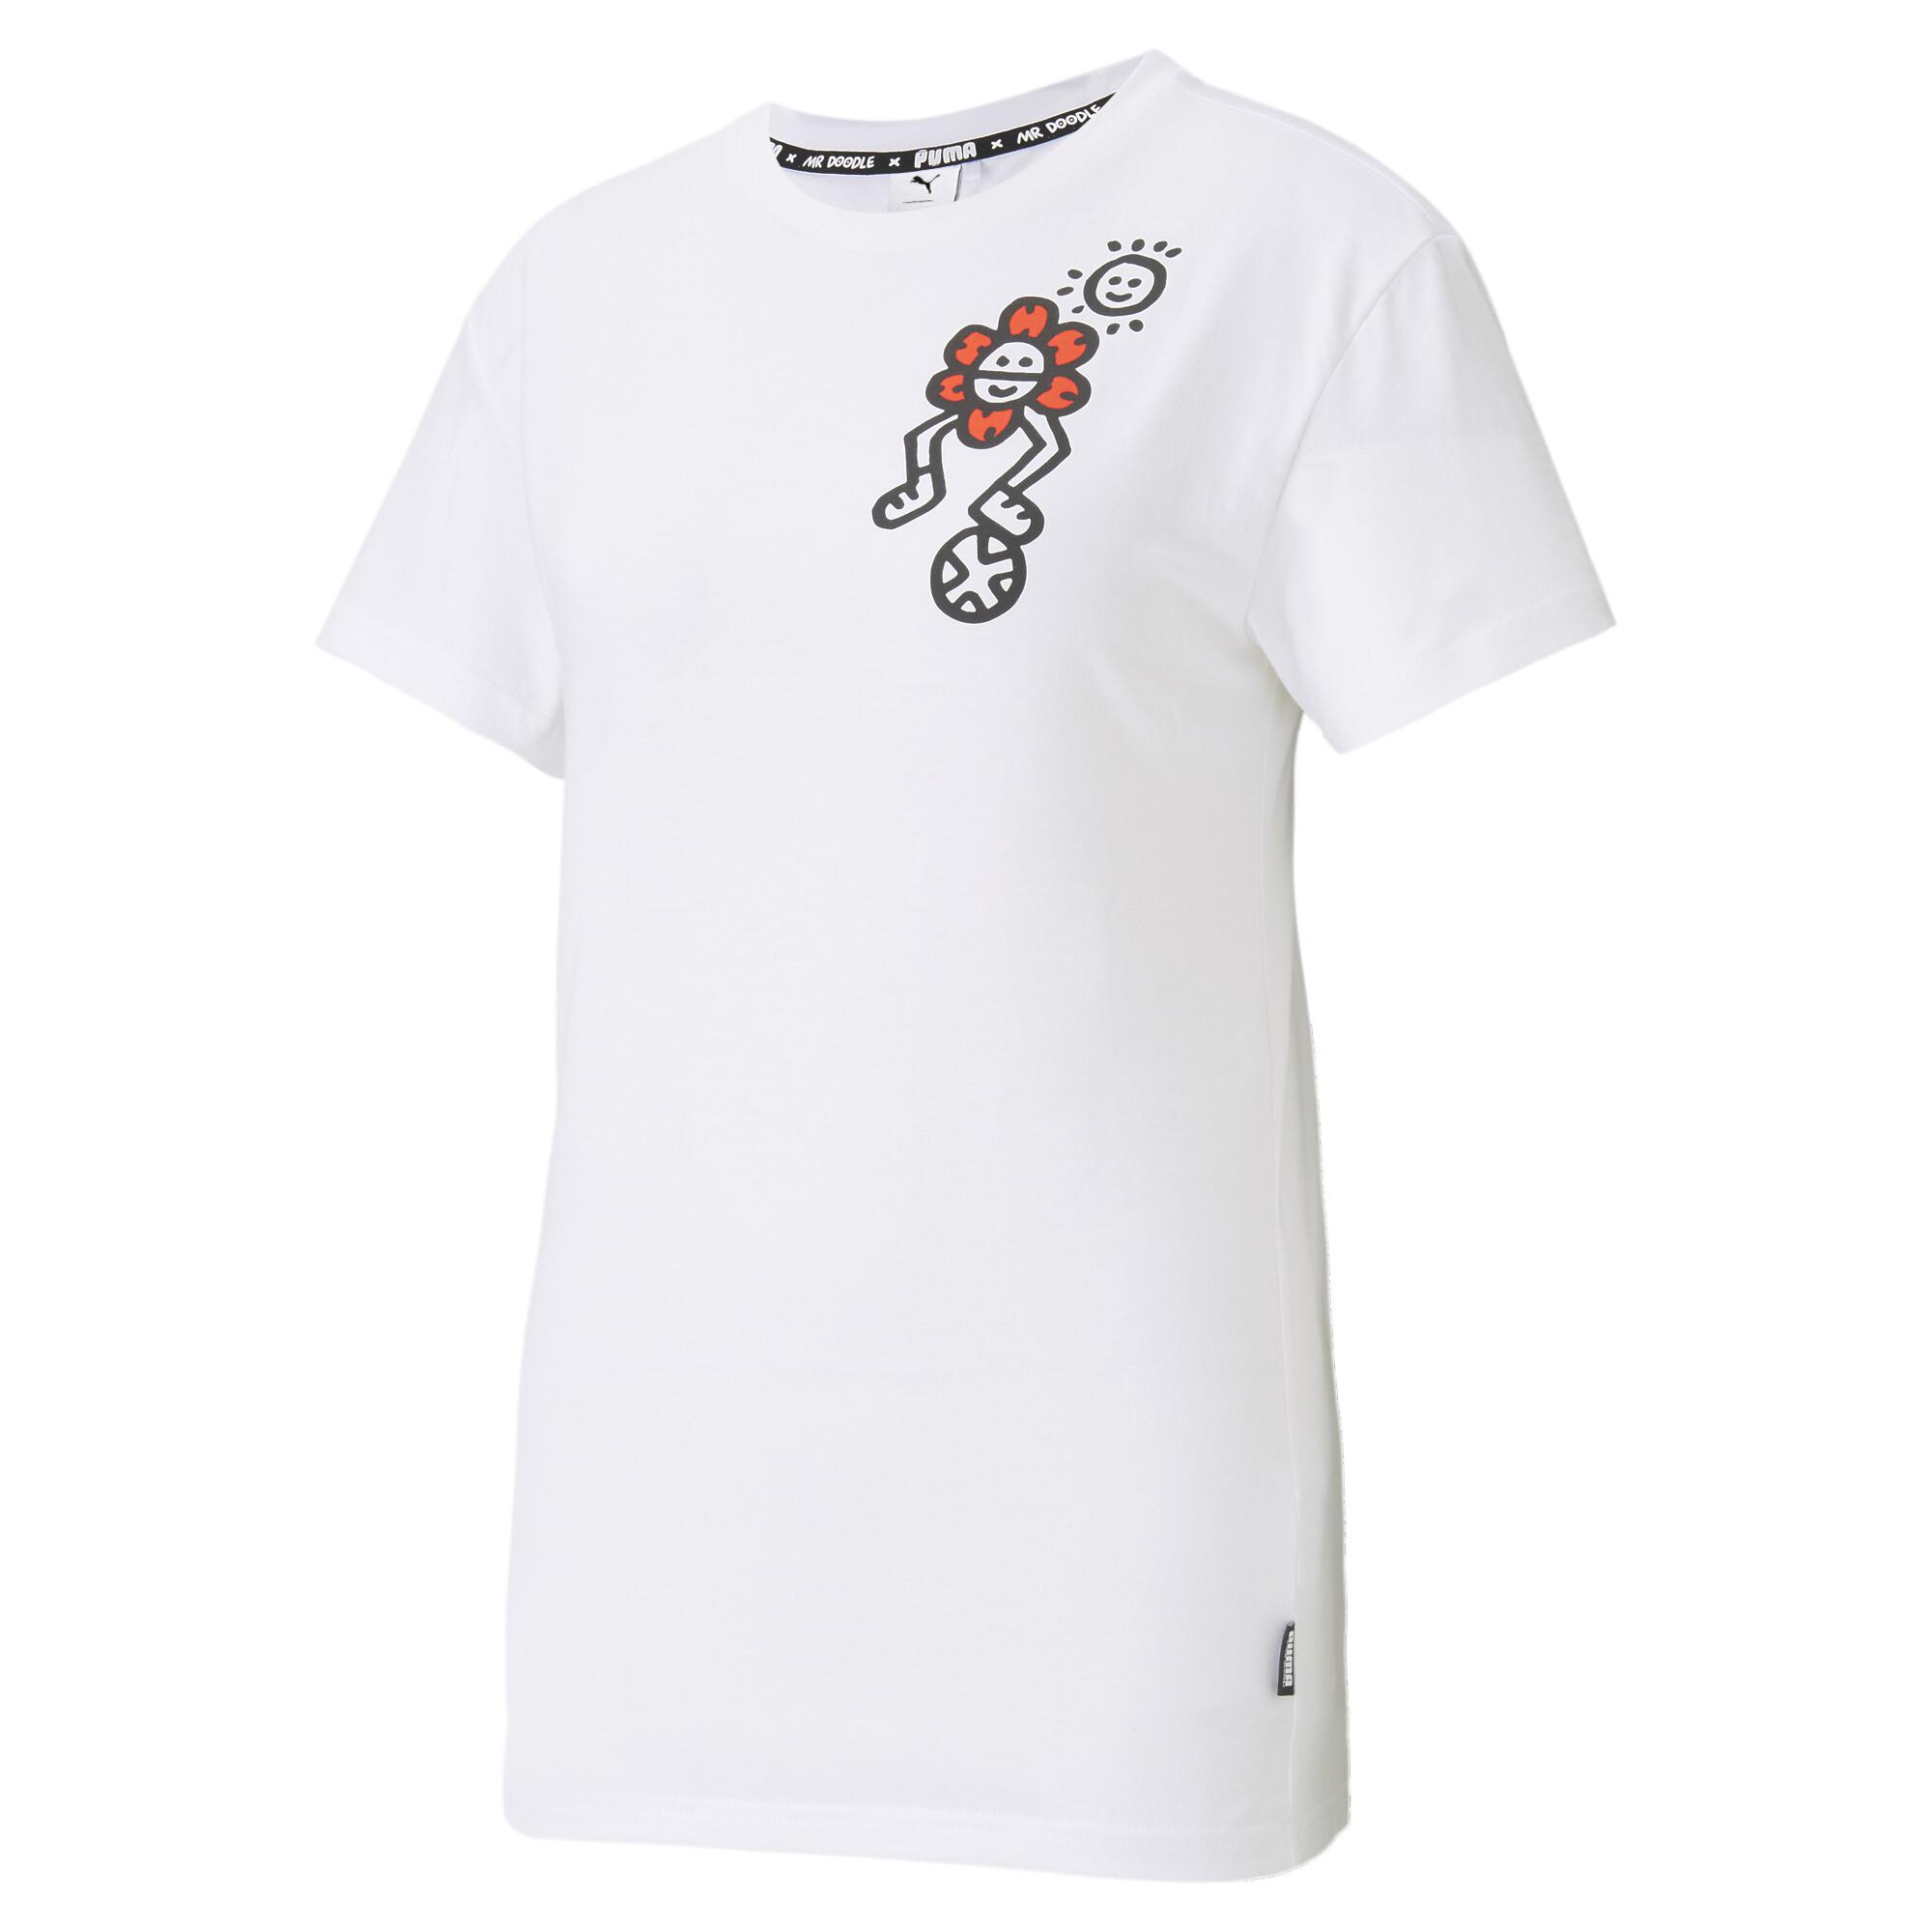 【プーマ公式通販】 プーマ PUMA x MR DOODLE ウィメンズ 半袖 Tシャツ ウィメンズ Puma White  PUMA.com